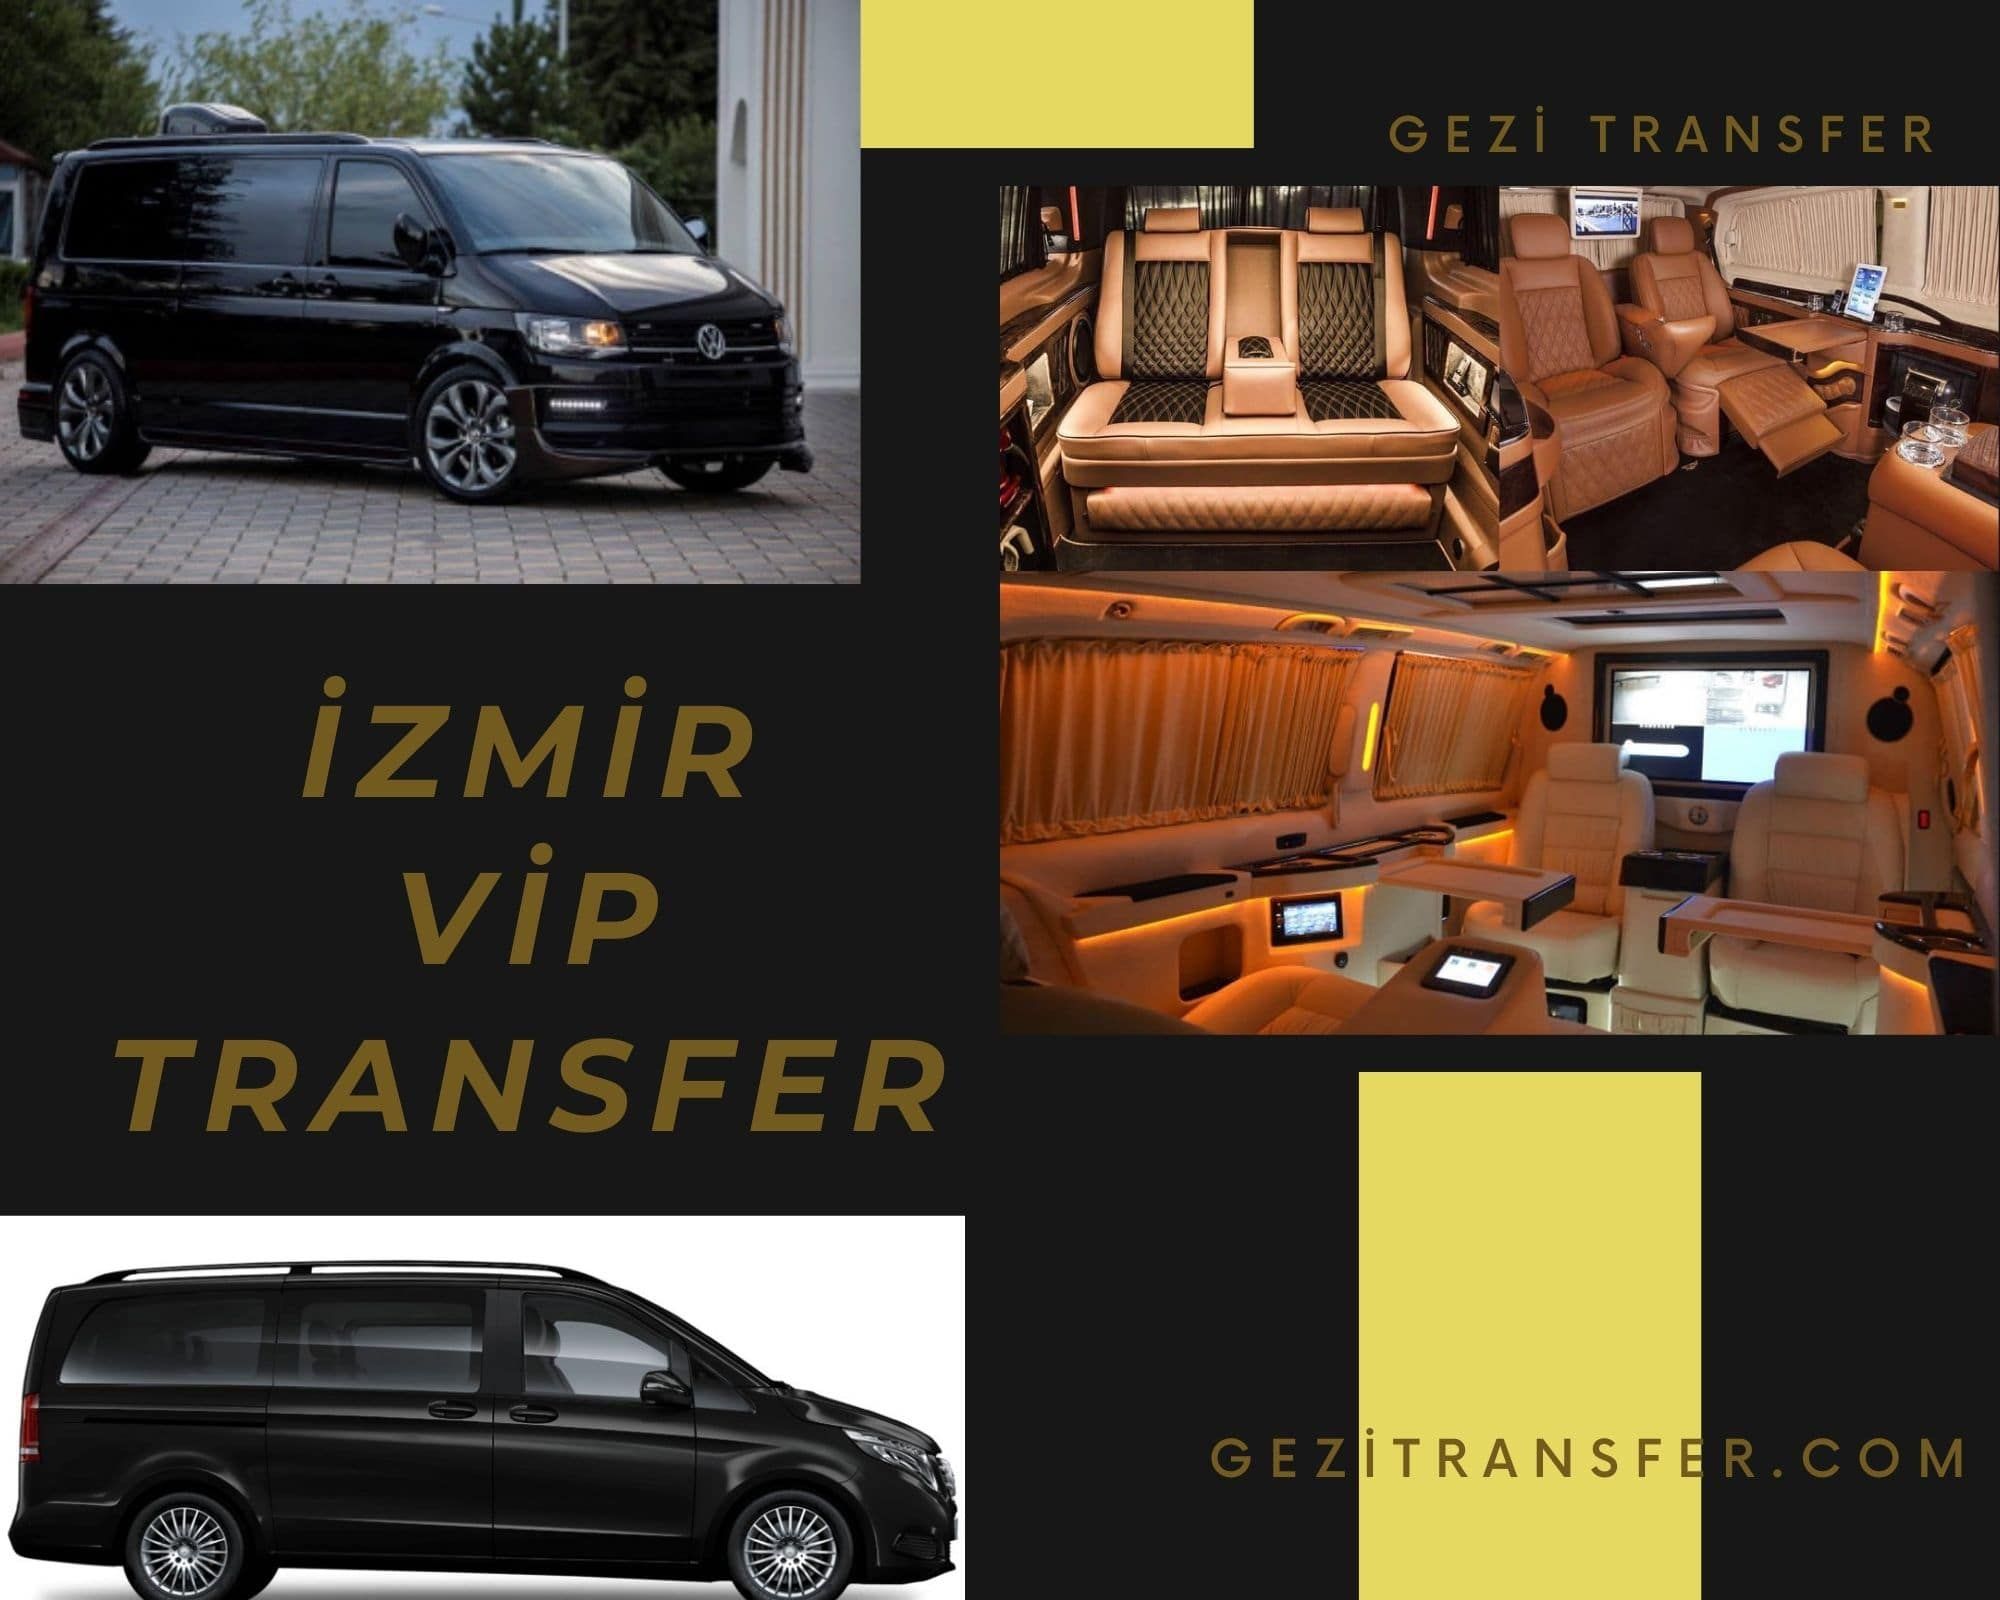 izmir vip transfer fiyatları izmir vip transfer firmaları izmir havaalanı vip transfer izmir bodrum vip transfer